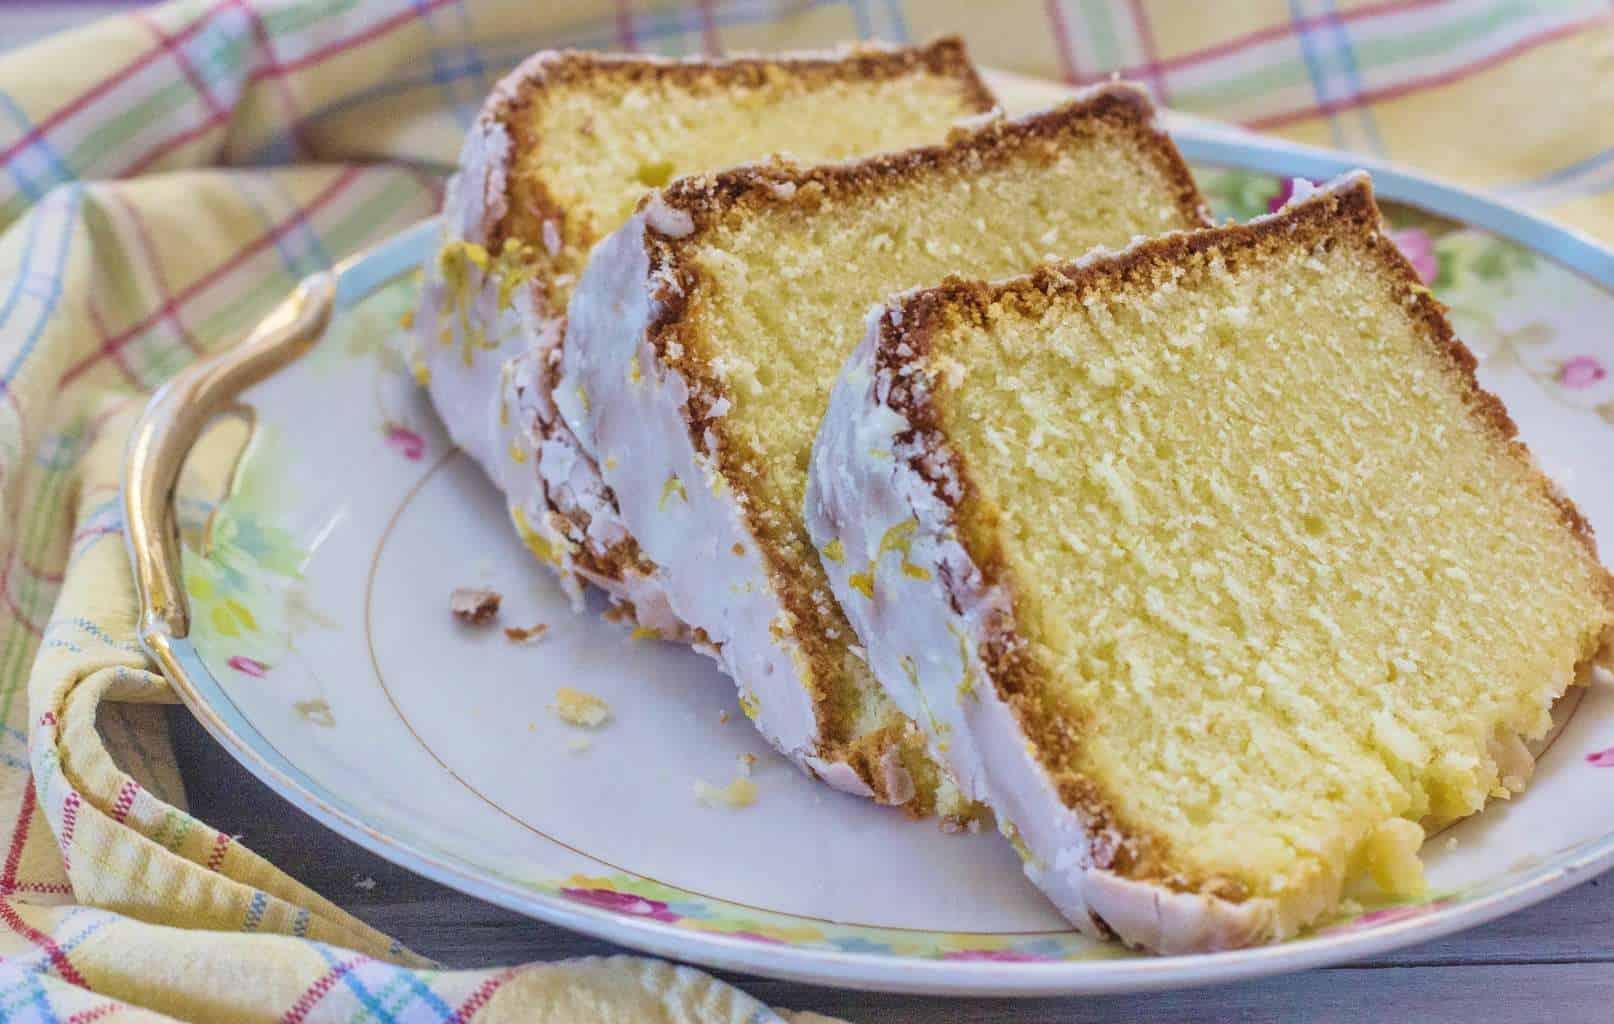 Lemon Pound Cake with Lemon Glaze